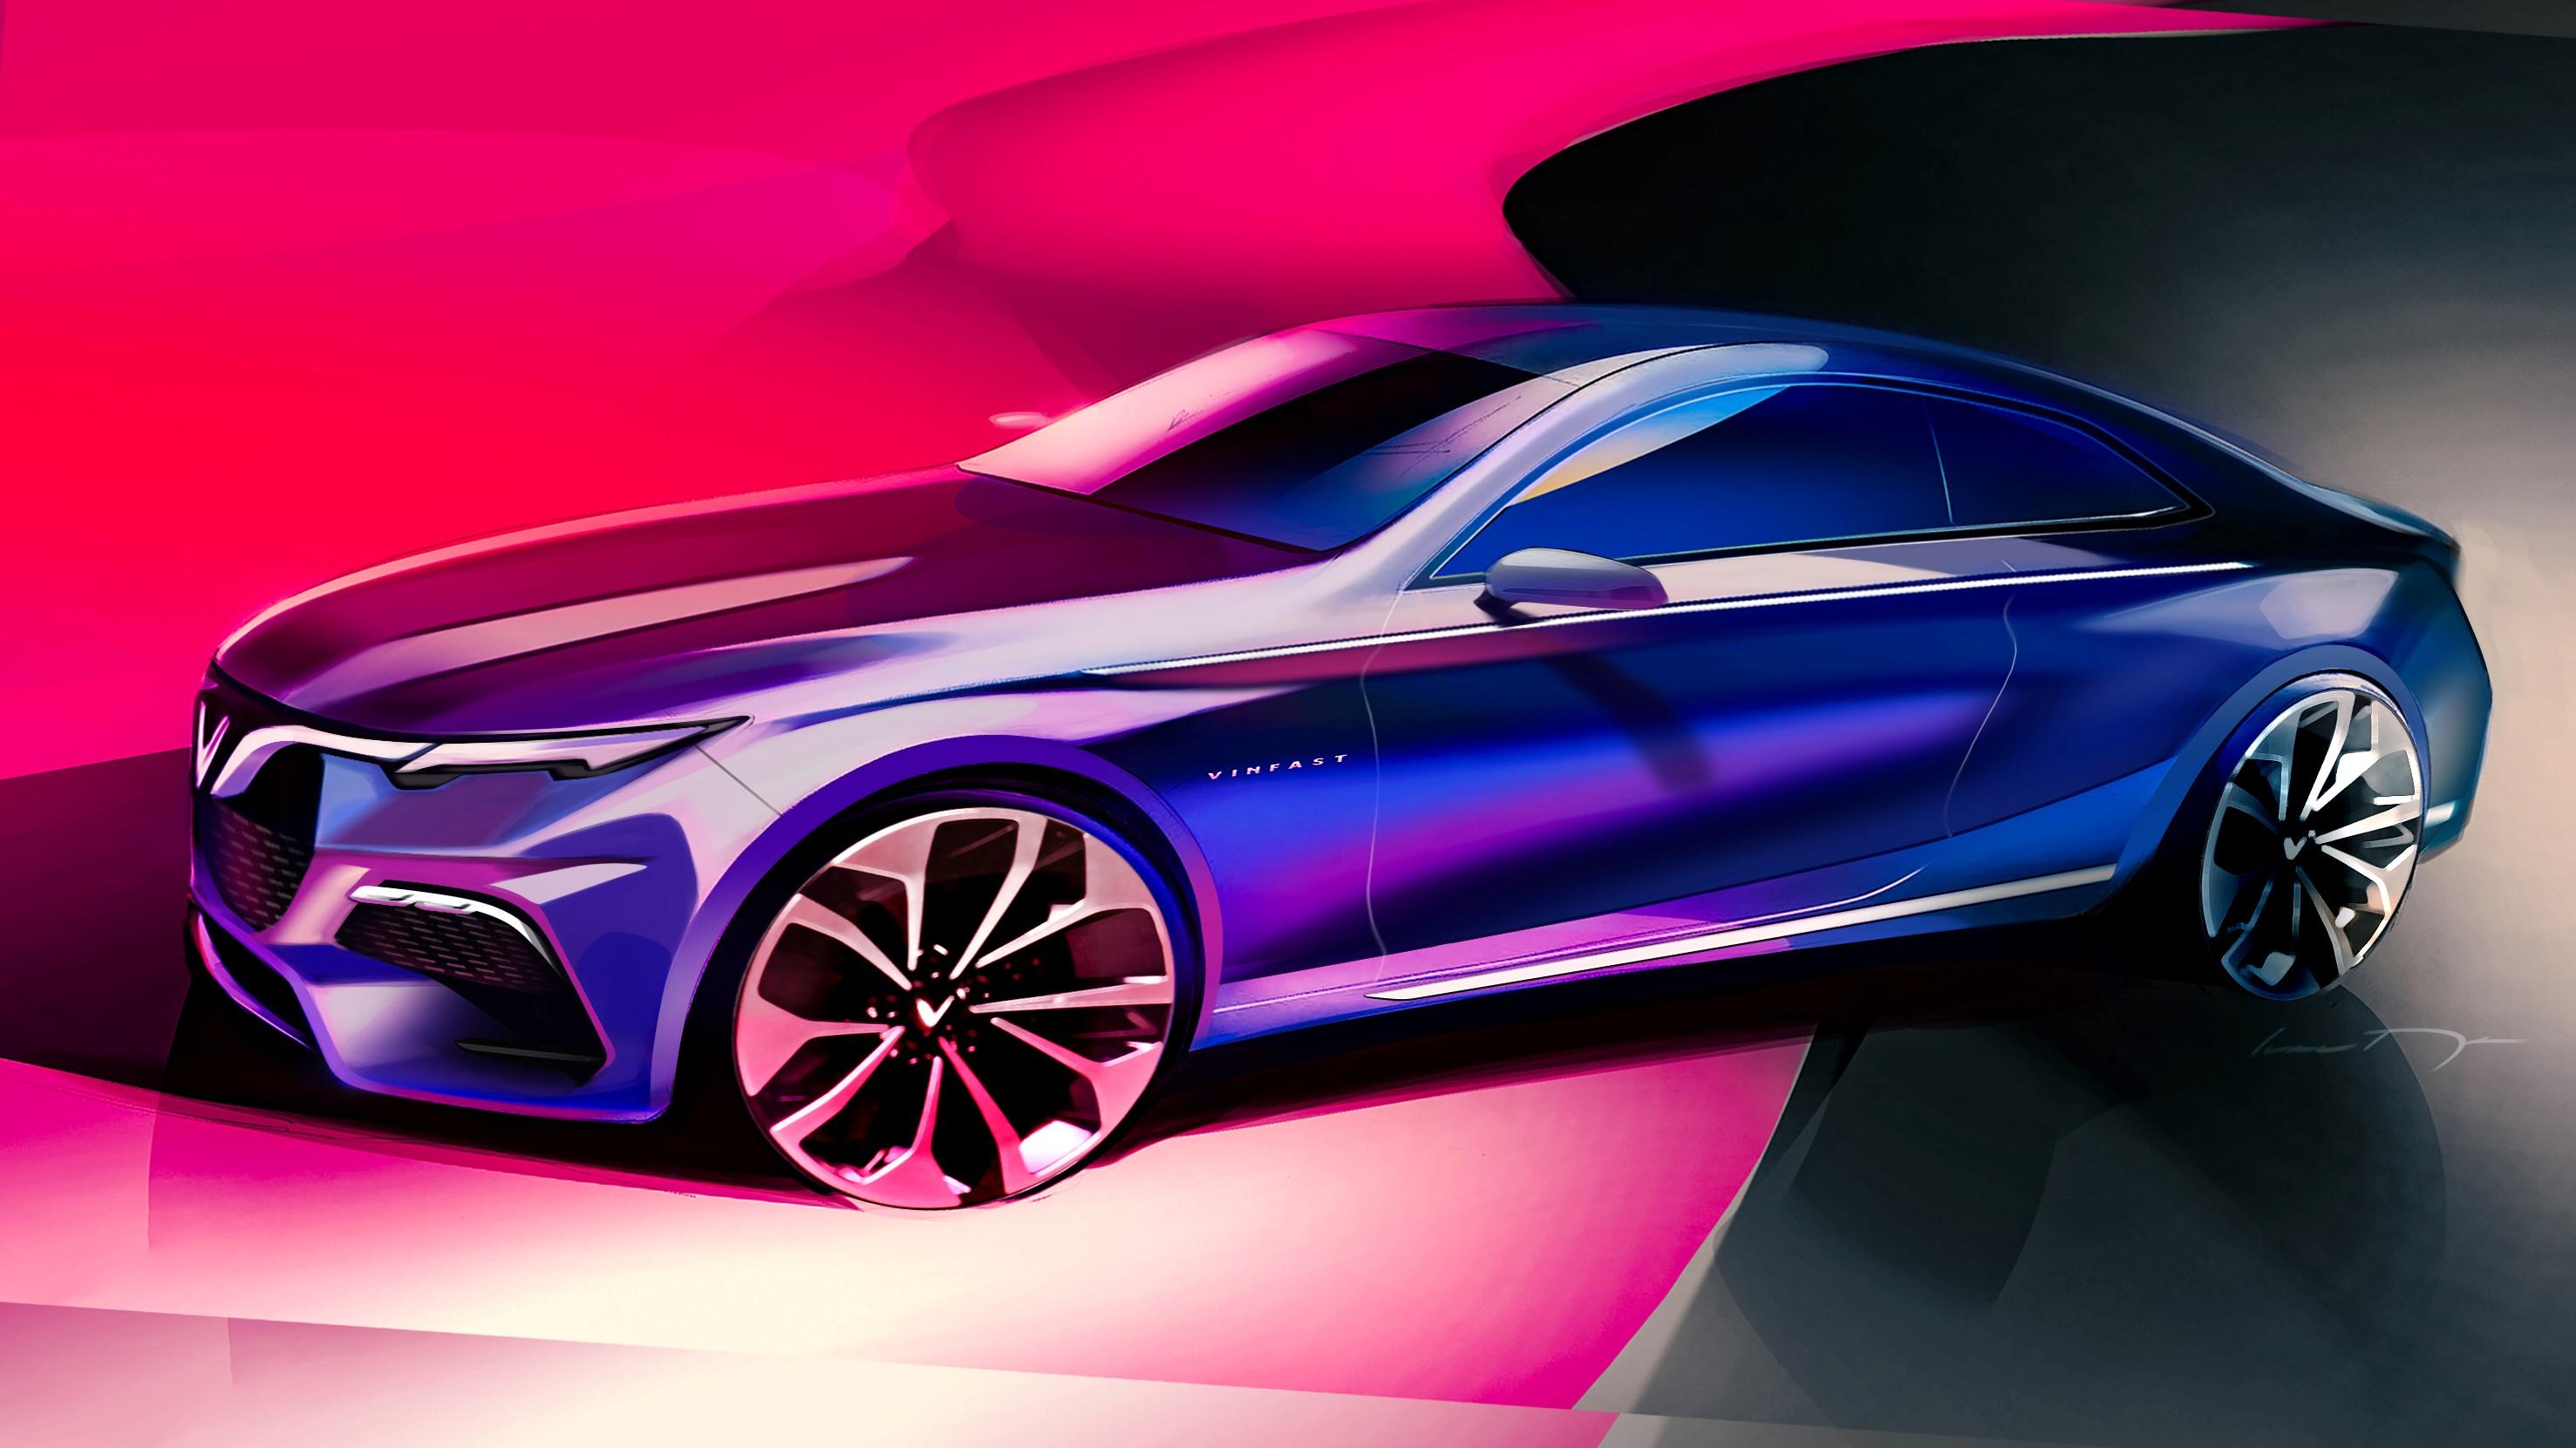 Hé lộ 7 mẫu xe ôtô VinFast sẽ 'xuất xưởng' trong năm 2020 | Ôtô-Xe máy |  Vietnam+ (VietnamPlus)